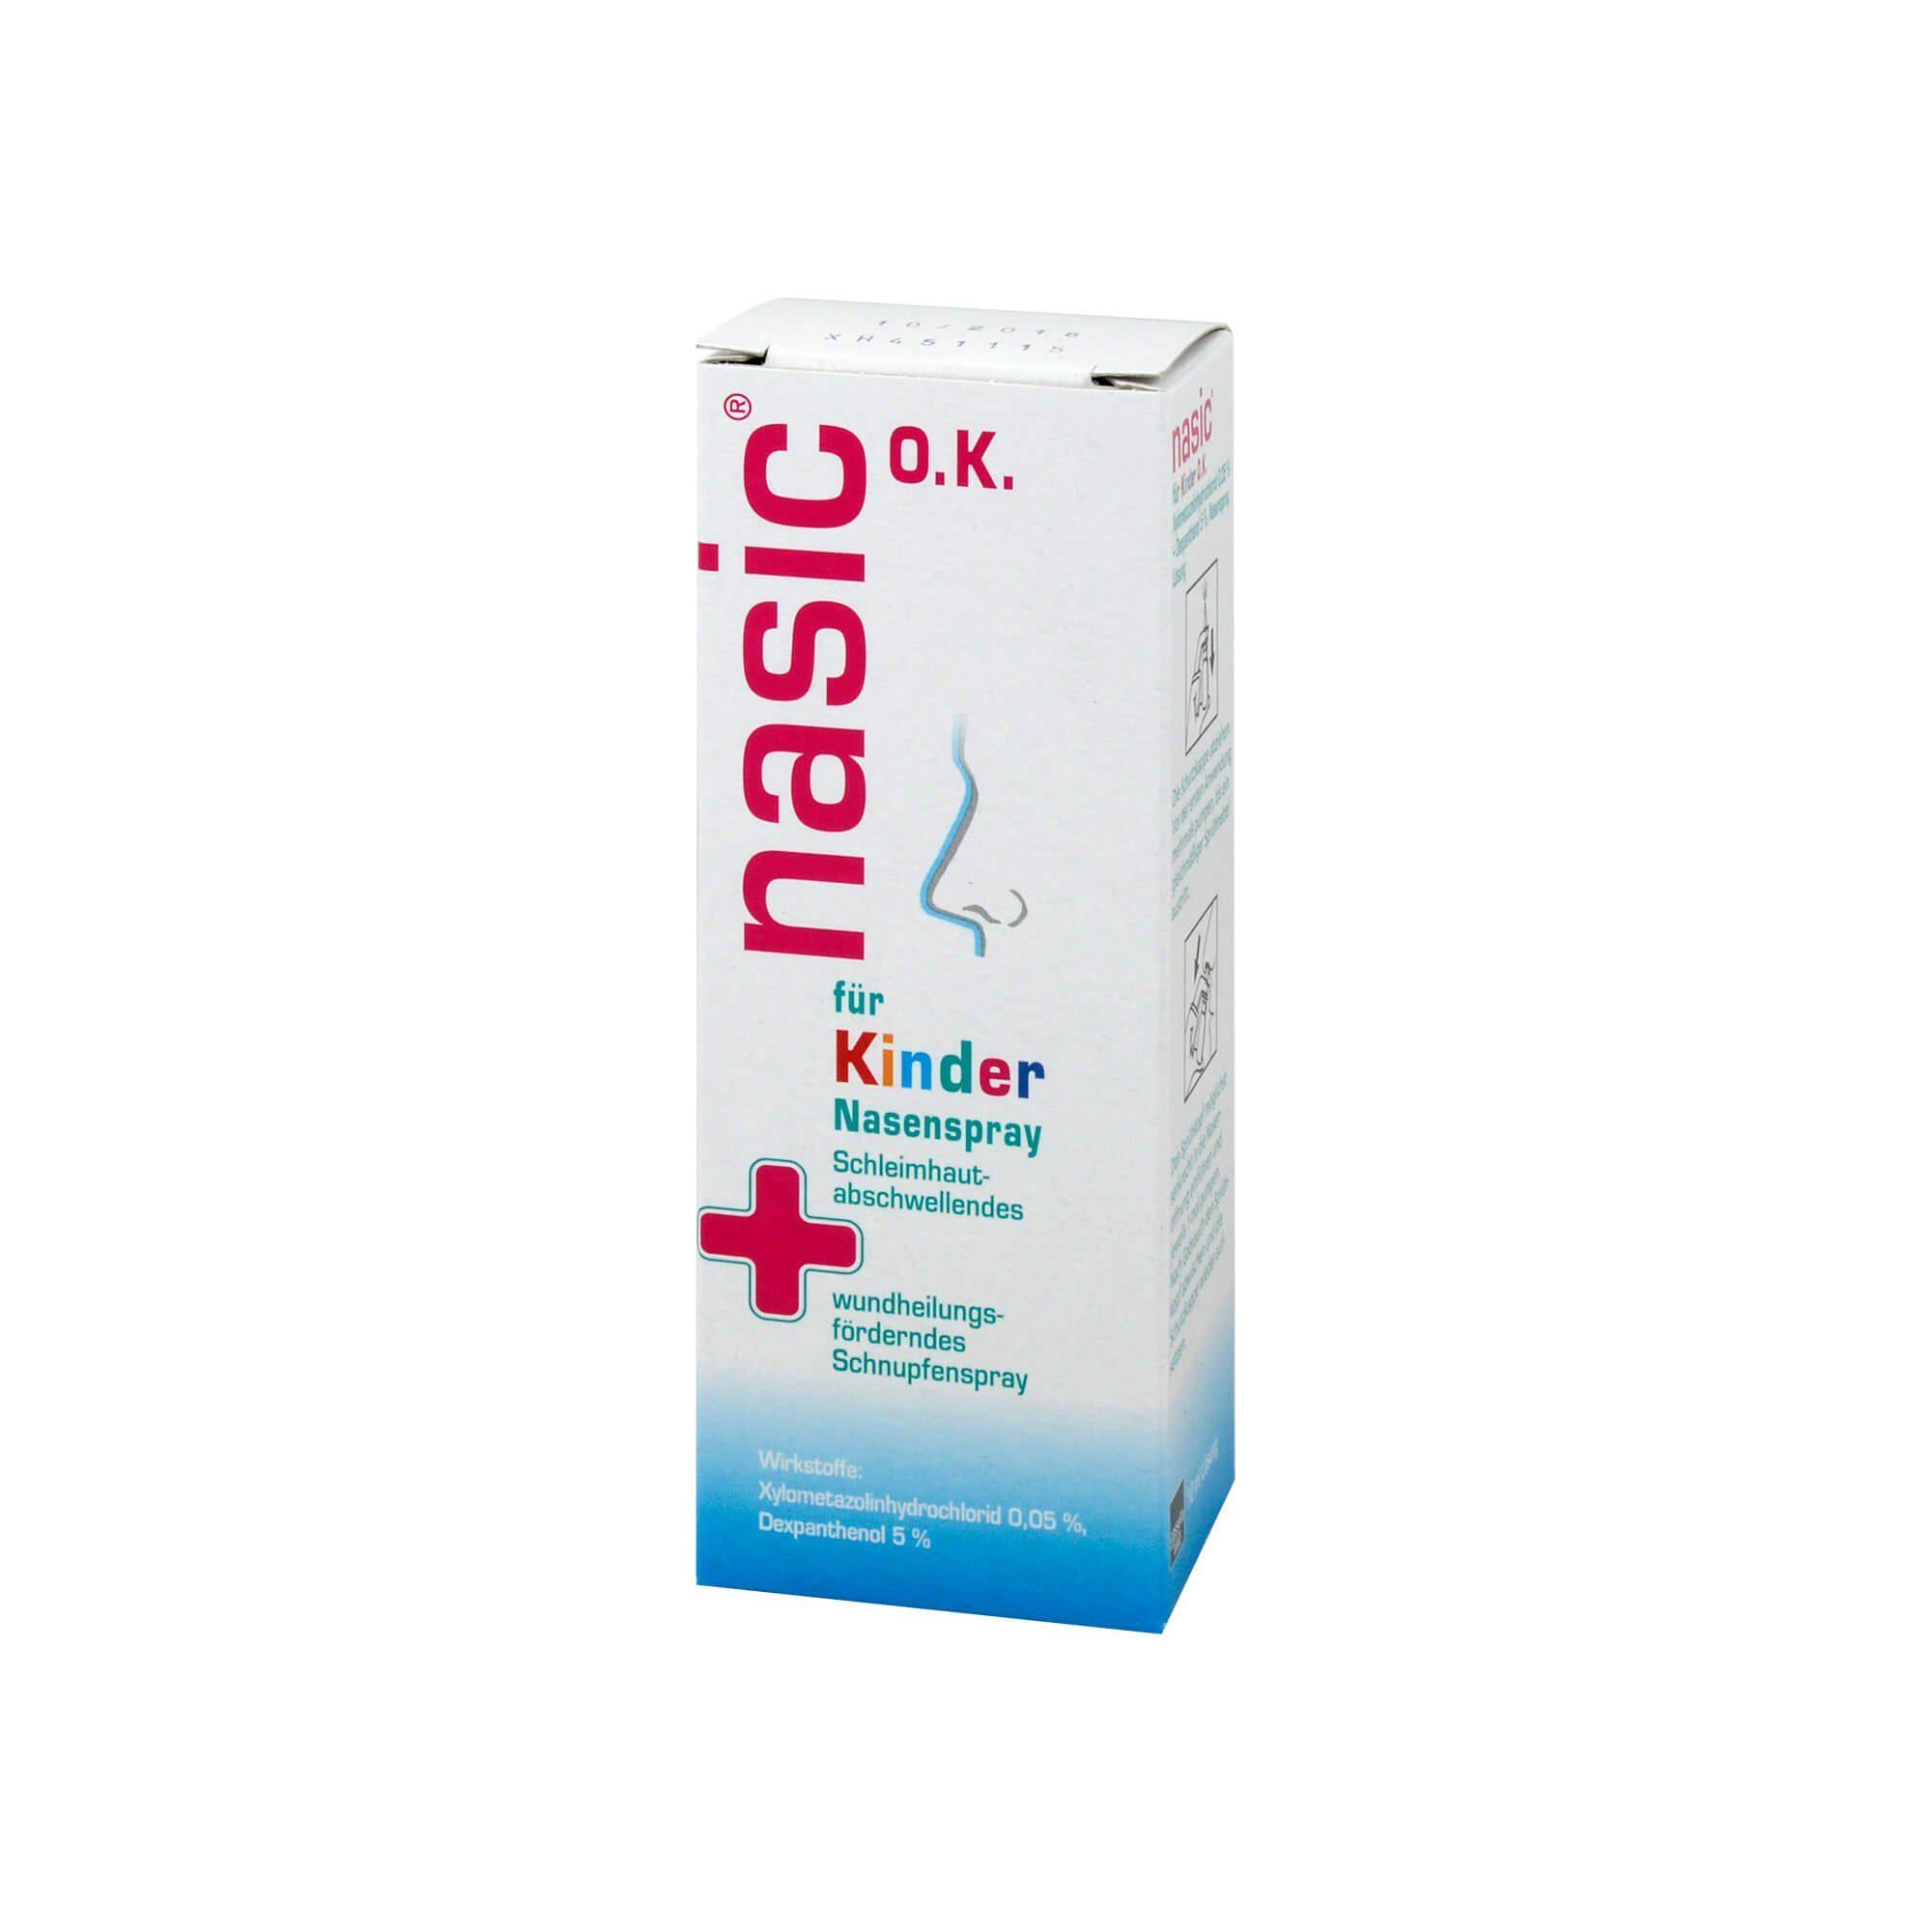 Nasic Nasenspray für Kinder ohne Konservierungsstoffe, 10 ml